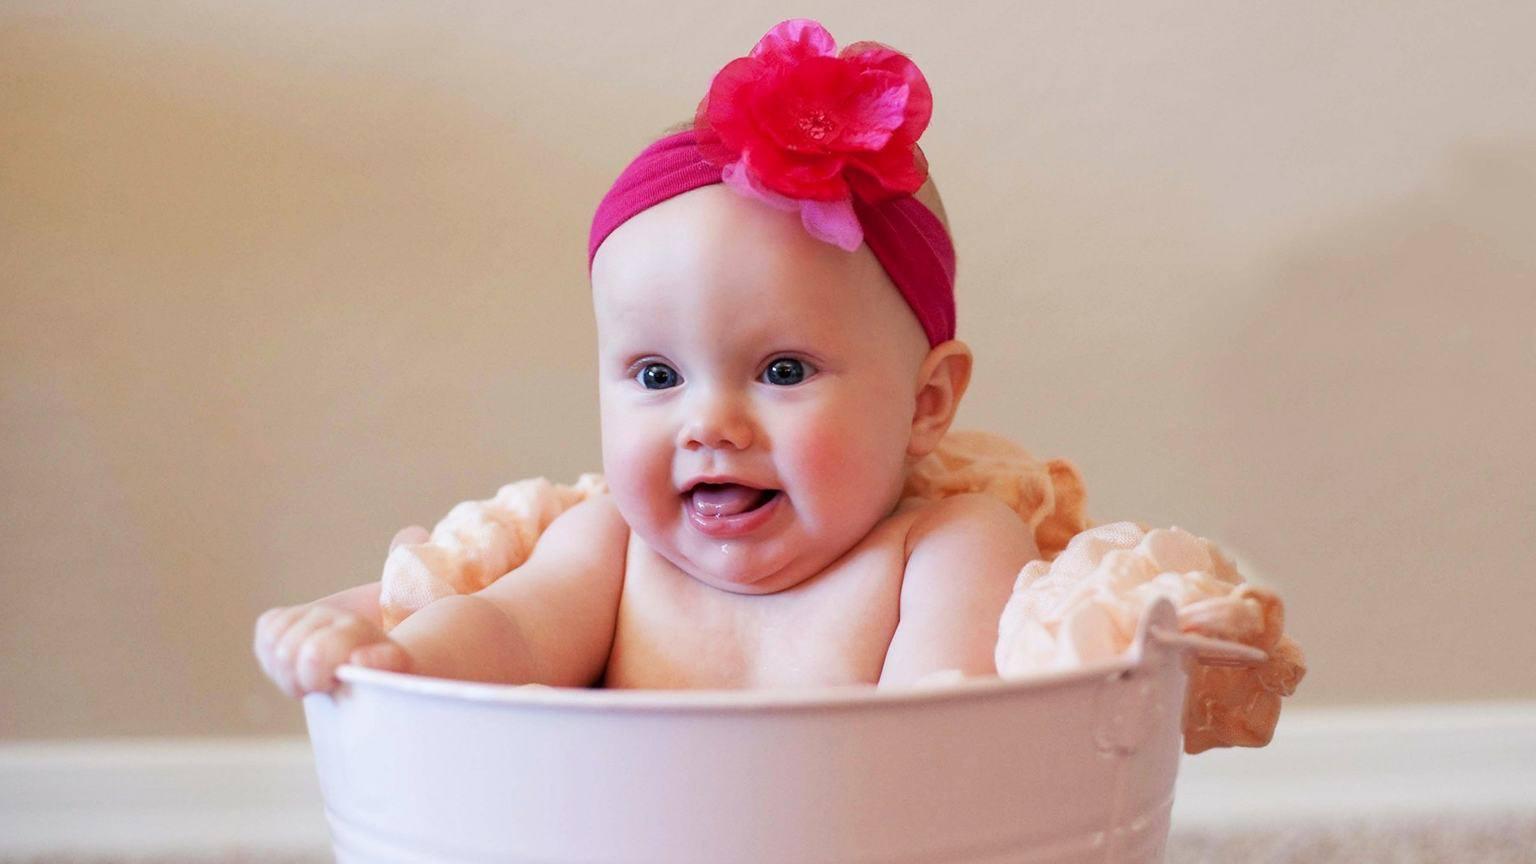 بالصور صور مضحكة للاطفال , لكى تضحك طفلك اليك اجمل الصور 6061 9